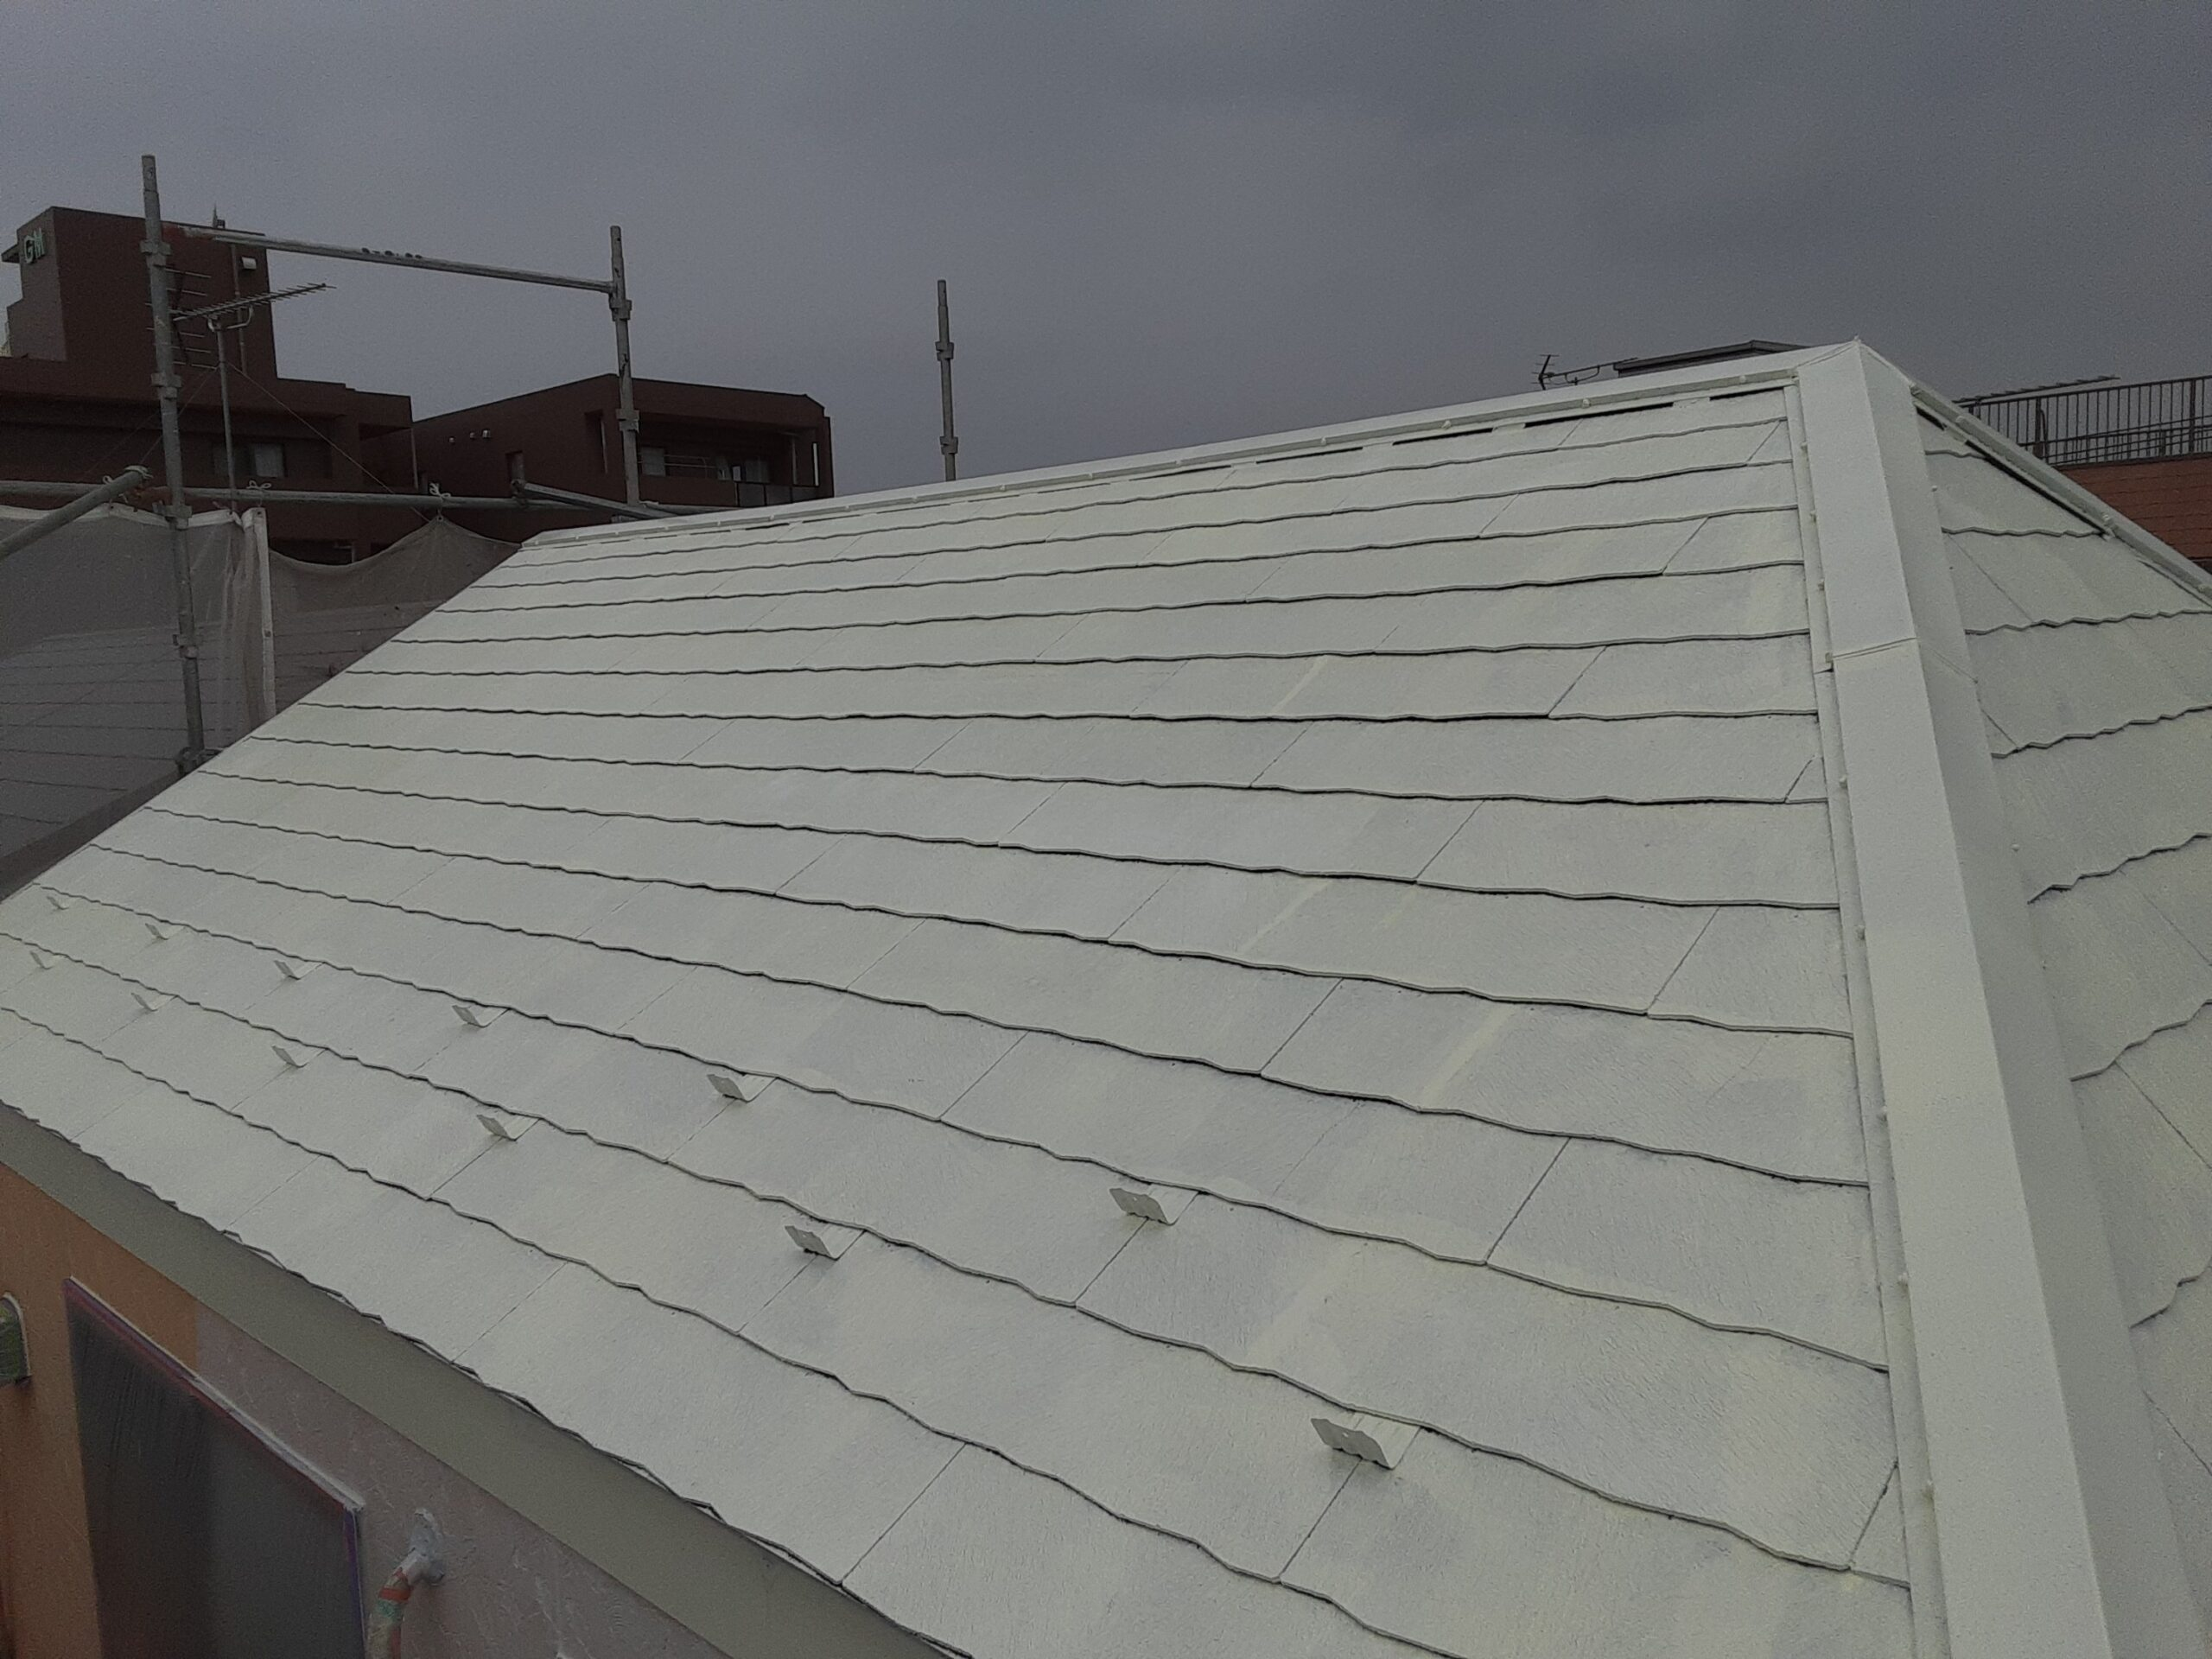 埼玉県さいたま市桜区のA様邸(木造3階建て)にて外壁の下塗り・中塗り・屋根の塗装工事